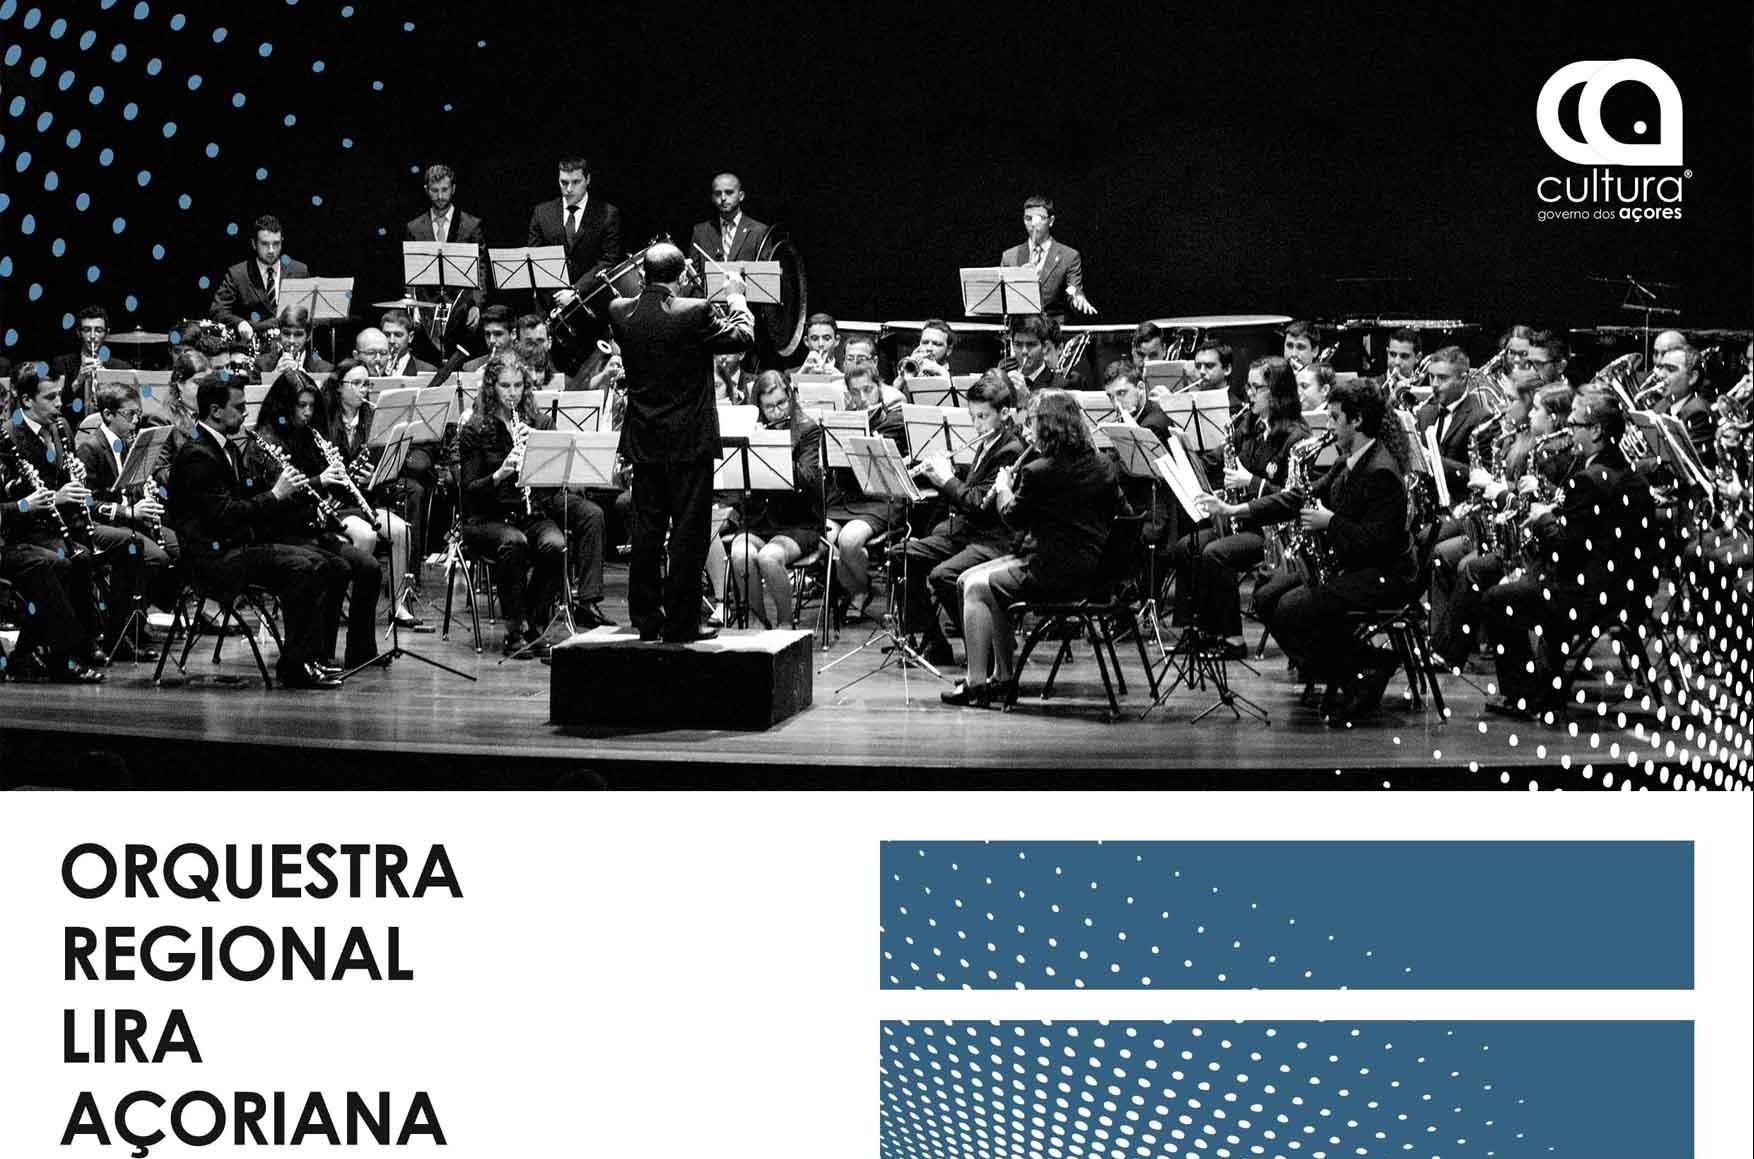 Concerto da Lira Açoriana na ilha Graciosa marca início da Temporada Artística 2016